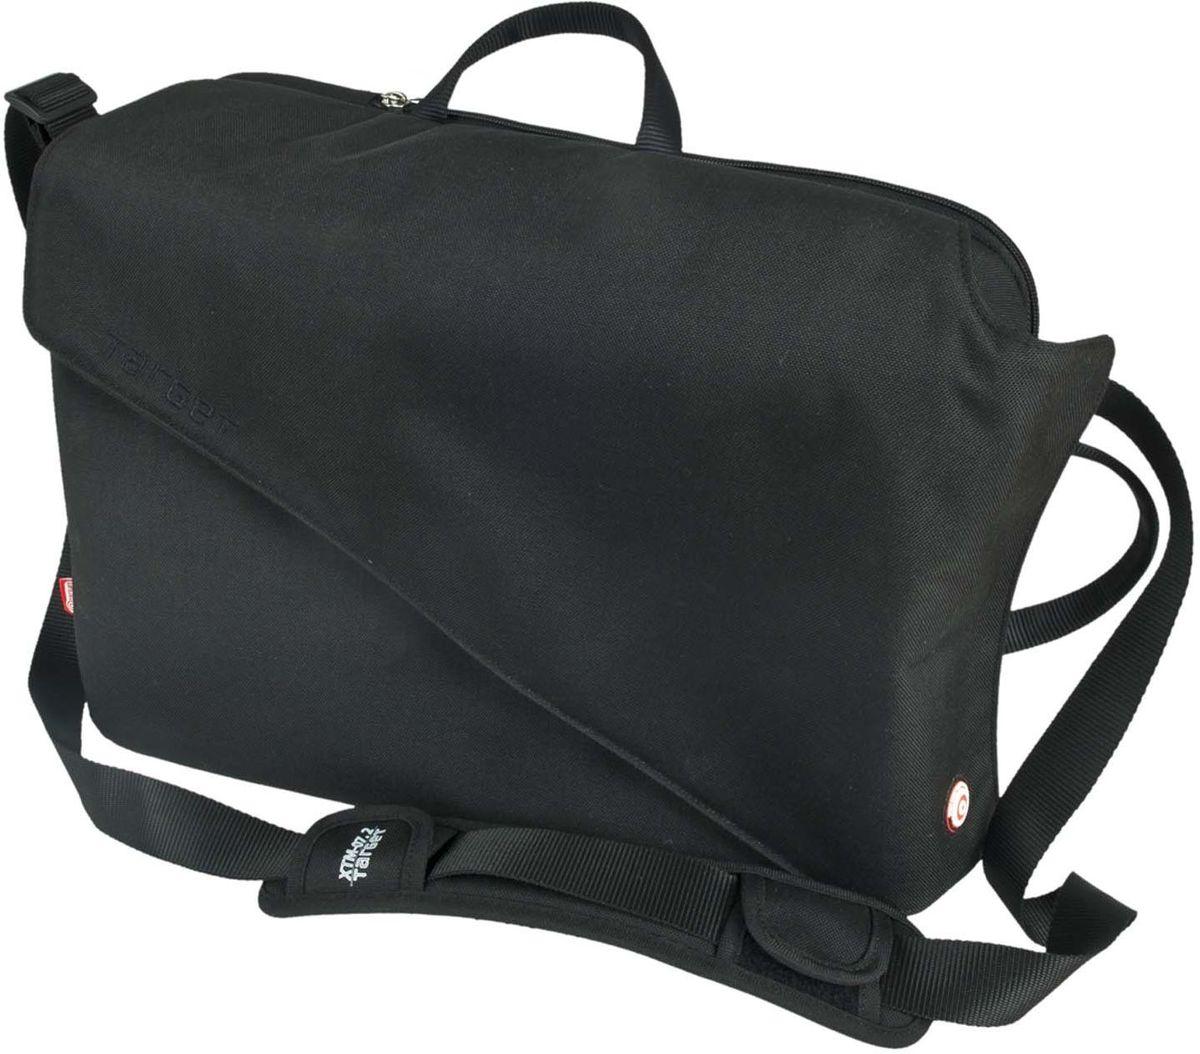 Target Collection Сумка-рюкзак Impact Stealth1857373Выполняет функцию 3 в 1 (рюкзак, сумка, портфель). Имеется делитель для ноутбука 16 дюймов и 2 сетчатых кармана для аксессуаров. Вмещает 10 литров. Размер: 31 ? 41 ? 16 см.